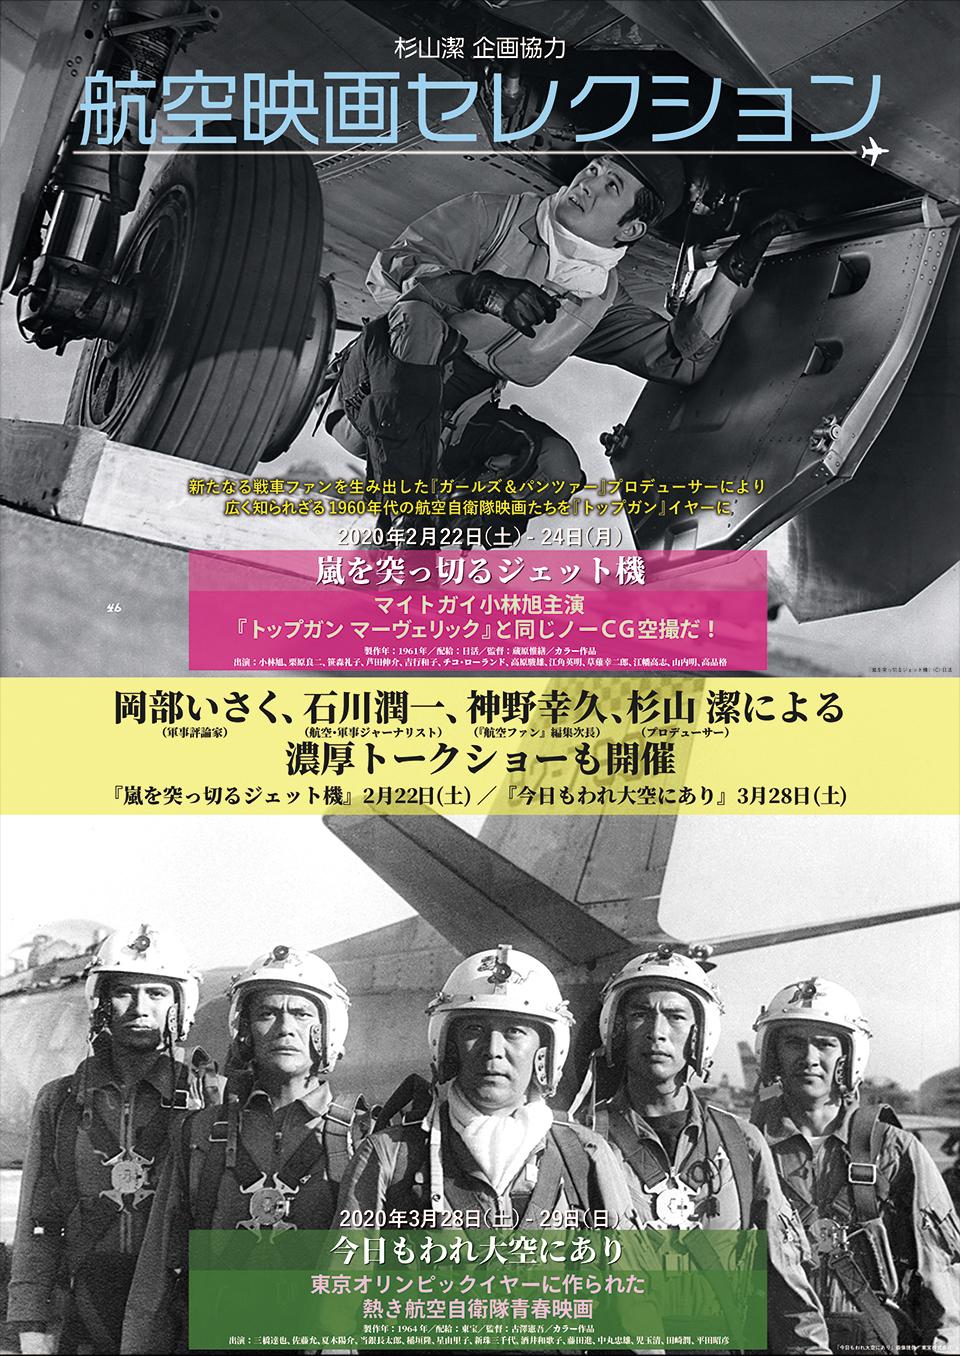 杉山Pプロデュース「航空映画セレクション」/『Fukushima50』【極音】シティズン限定試写ほか